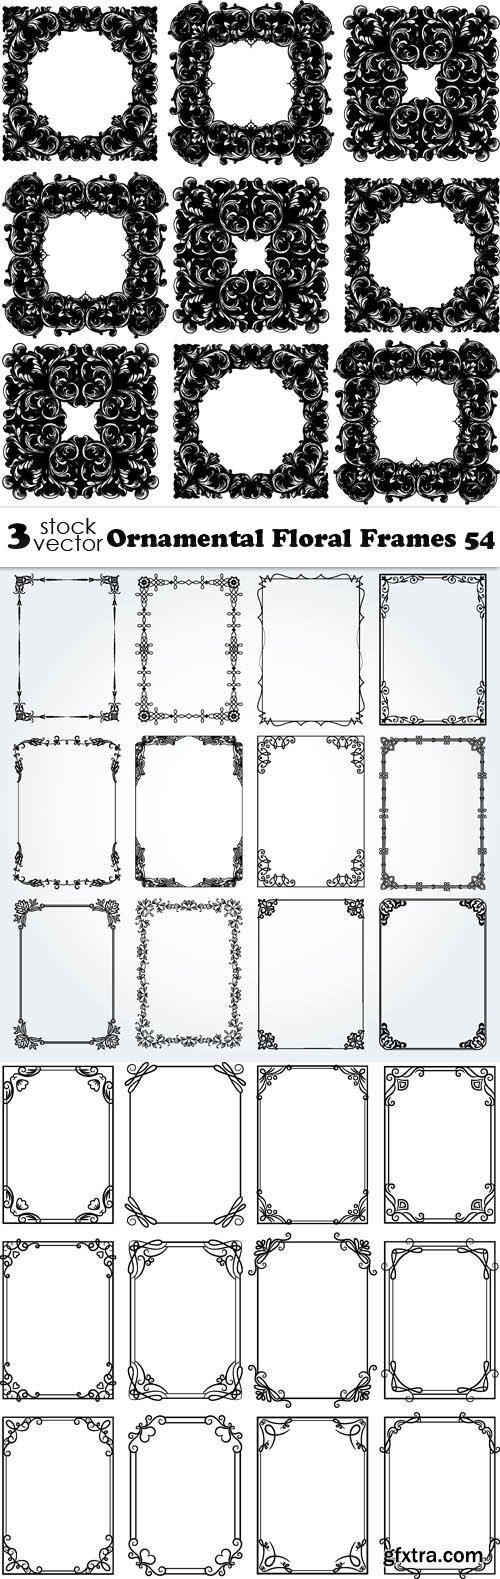 Vectors - Ornamental Floral Frames 54